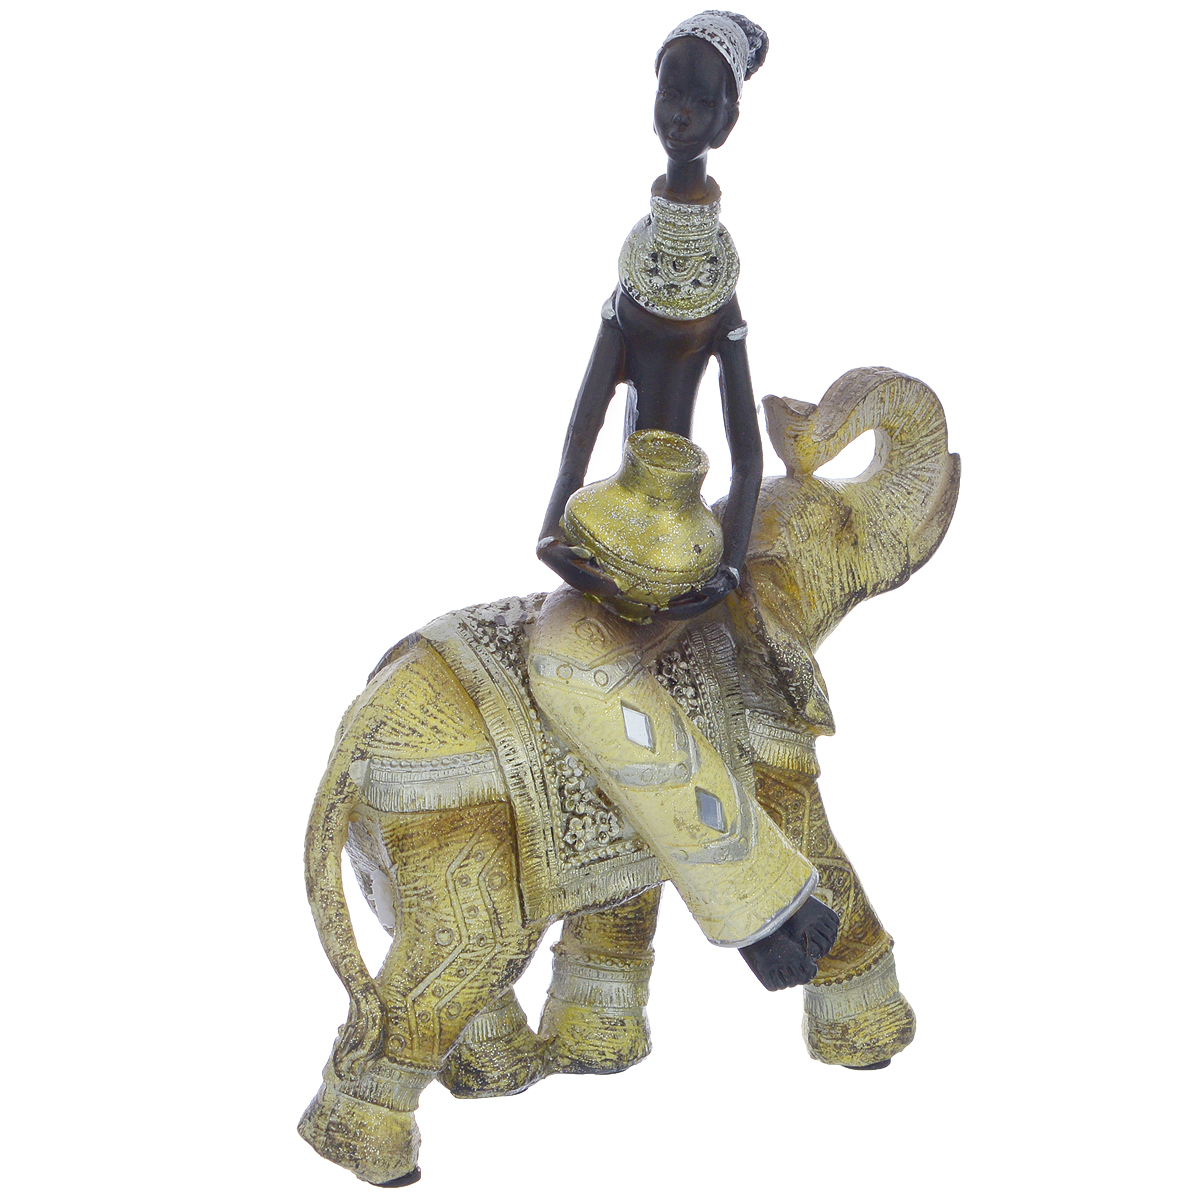 Фигурка декоративная Molento Африканка и слон, высота 20,5 см549-200Декоративная фигура Molento Африканка и слон, изготовленная из полистоуна, позволит вам украсить интерьер дома, рабочего кабинета или любого другого помещения оригинальным образом. Изделие, выполненное в виде африканской женщины на слоне, оформлено рельефным рисунком и блестками.С такой декоративной фигурой вы сможете не просто внести в интерьер элемент оригинальности, но и создать атмосферу загадочности и изысканности.Размер фигурки: 15,5 см х 7 см х 20,5 см.